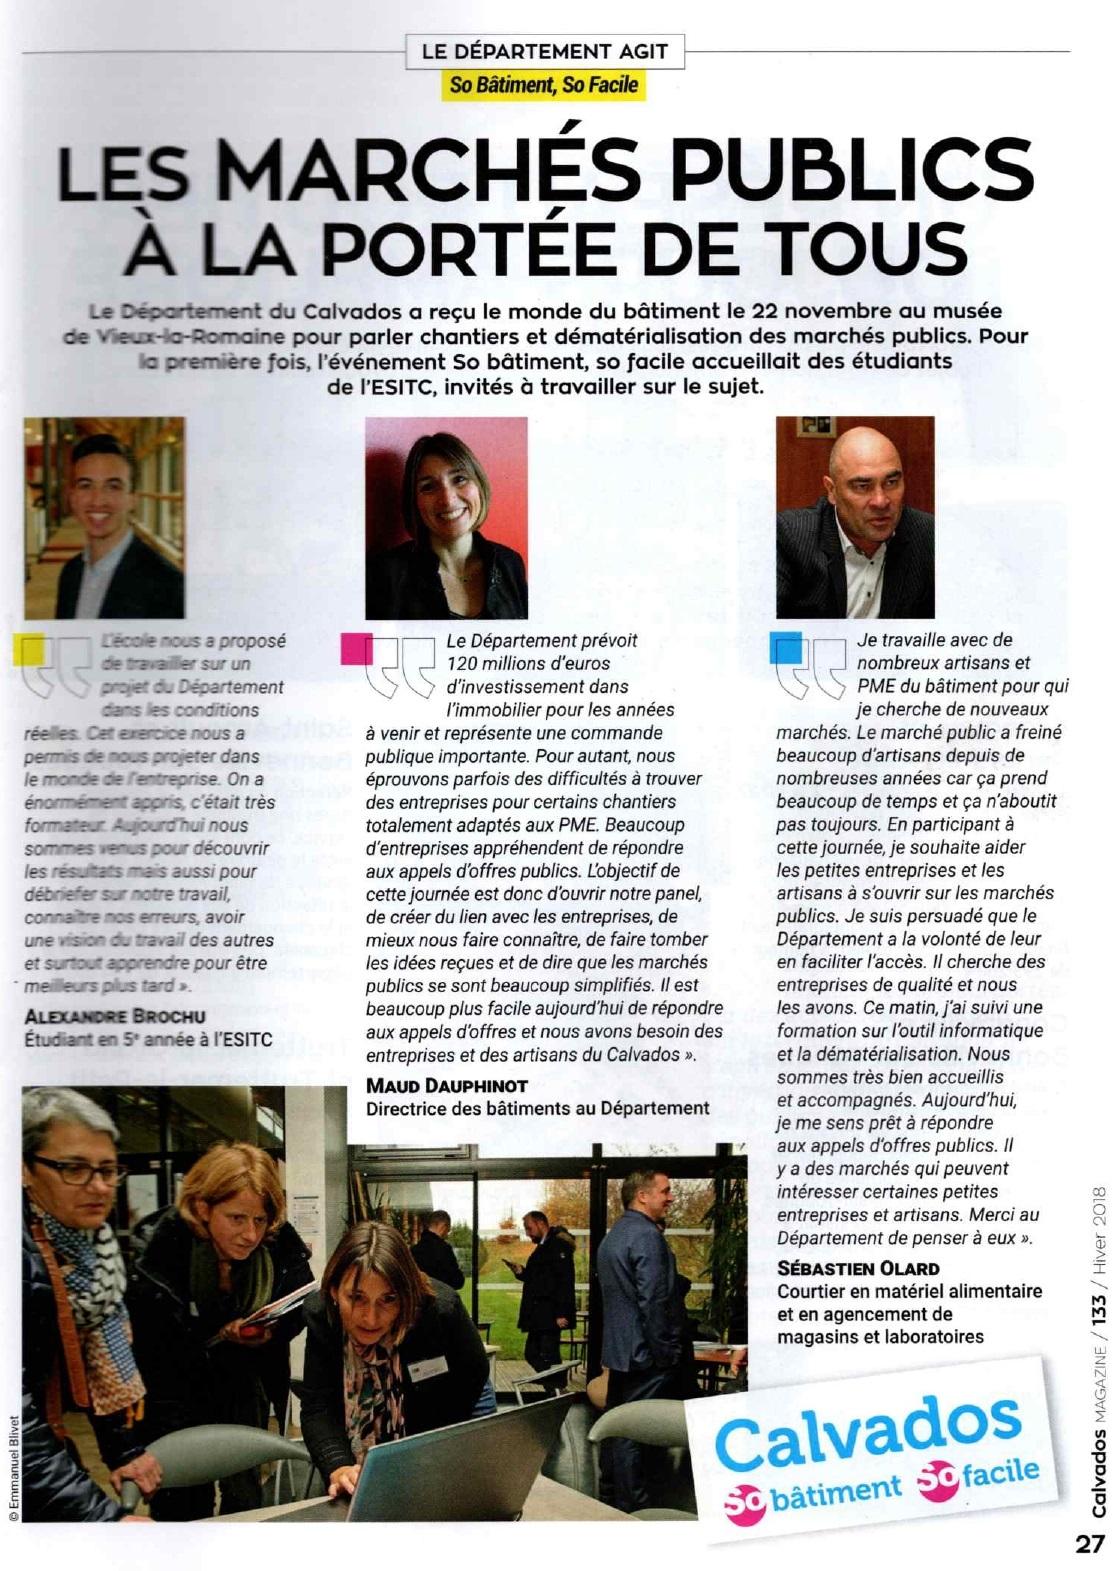 article-marches-publics-creacoop14-sebastien-olard